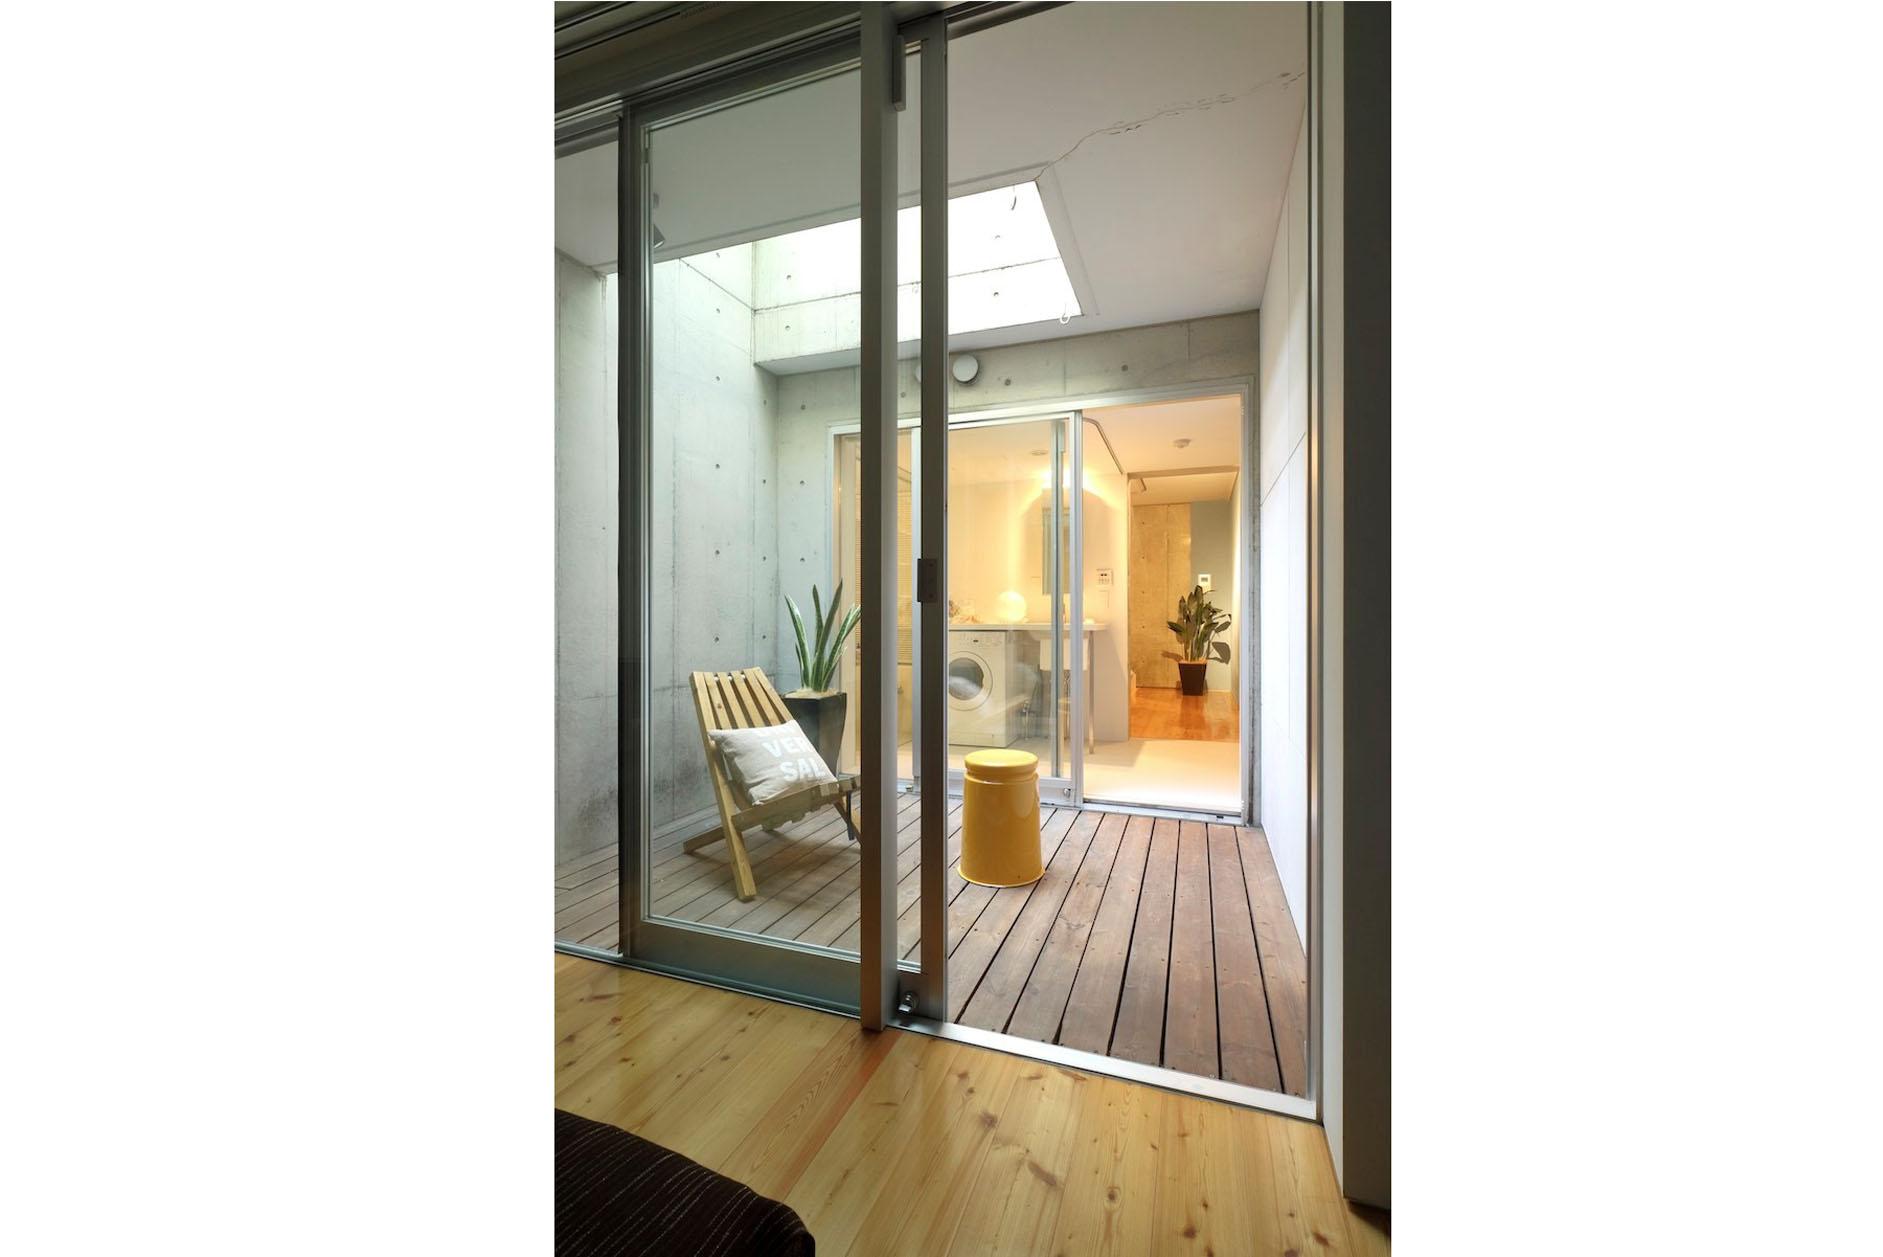 洋室とサニタリーを繋ぐウッドデッキテラス イメージ